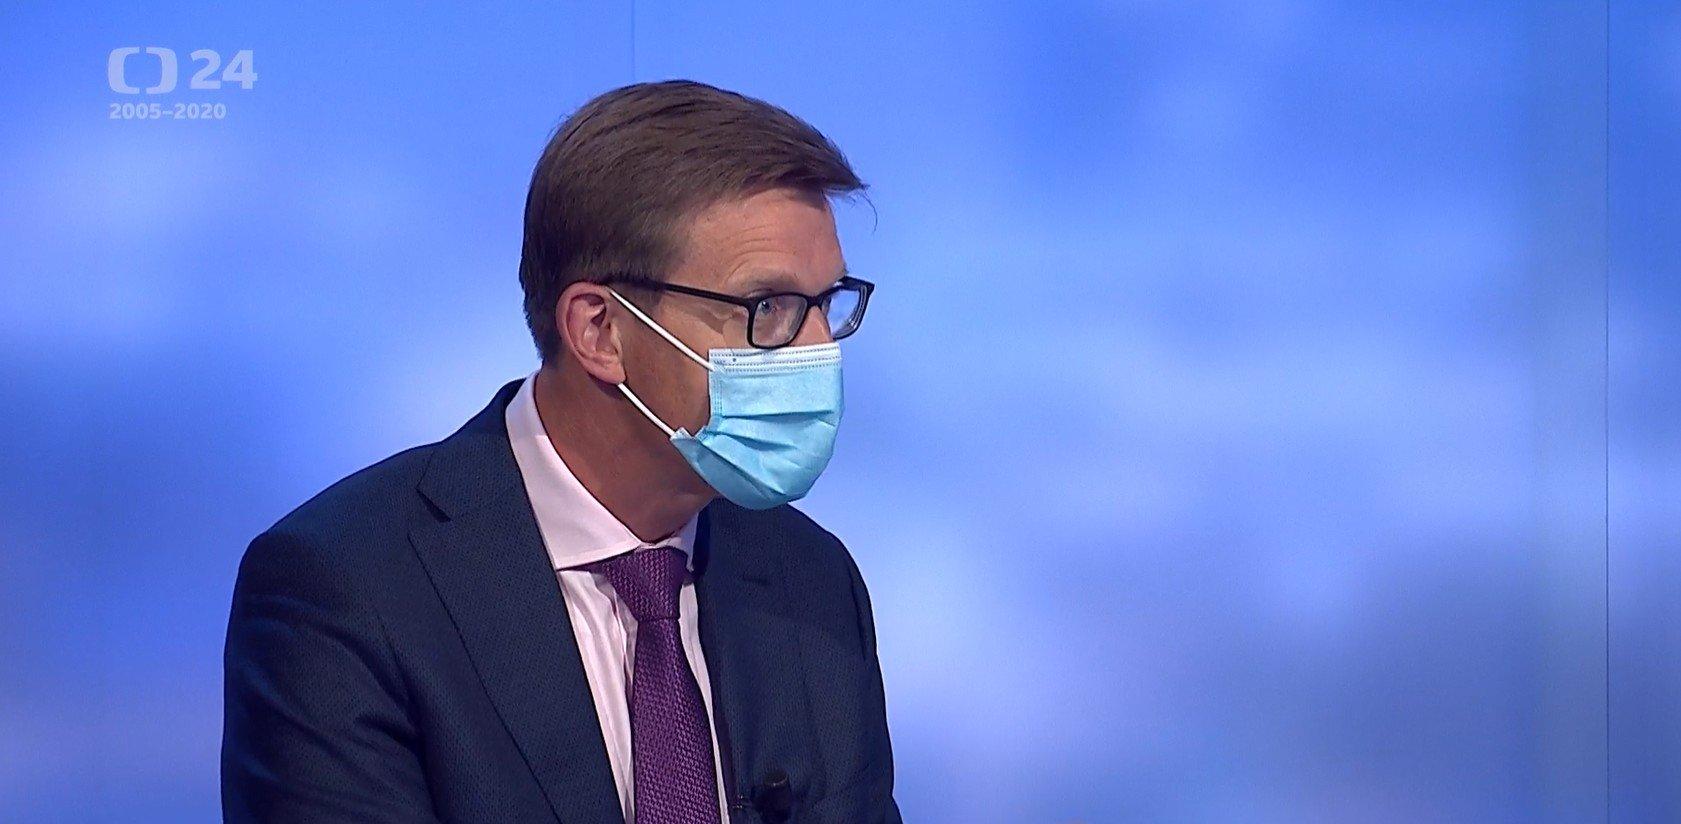 Události, komentáře: Vláda zpřísnila opatření proti koronaviru